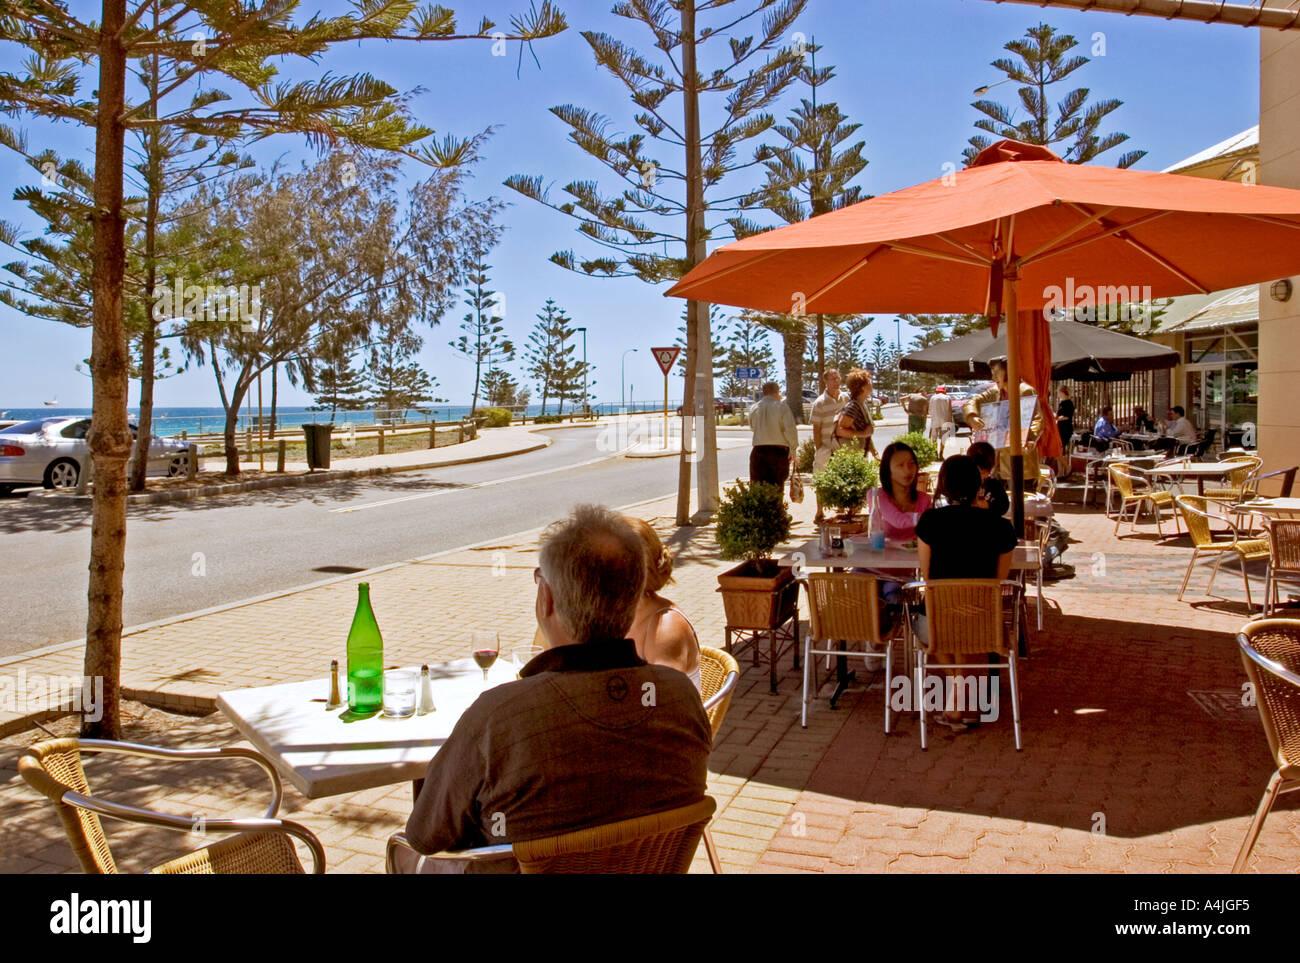 Enjoying lunch in a beach side cafe scarborough perth western australia